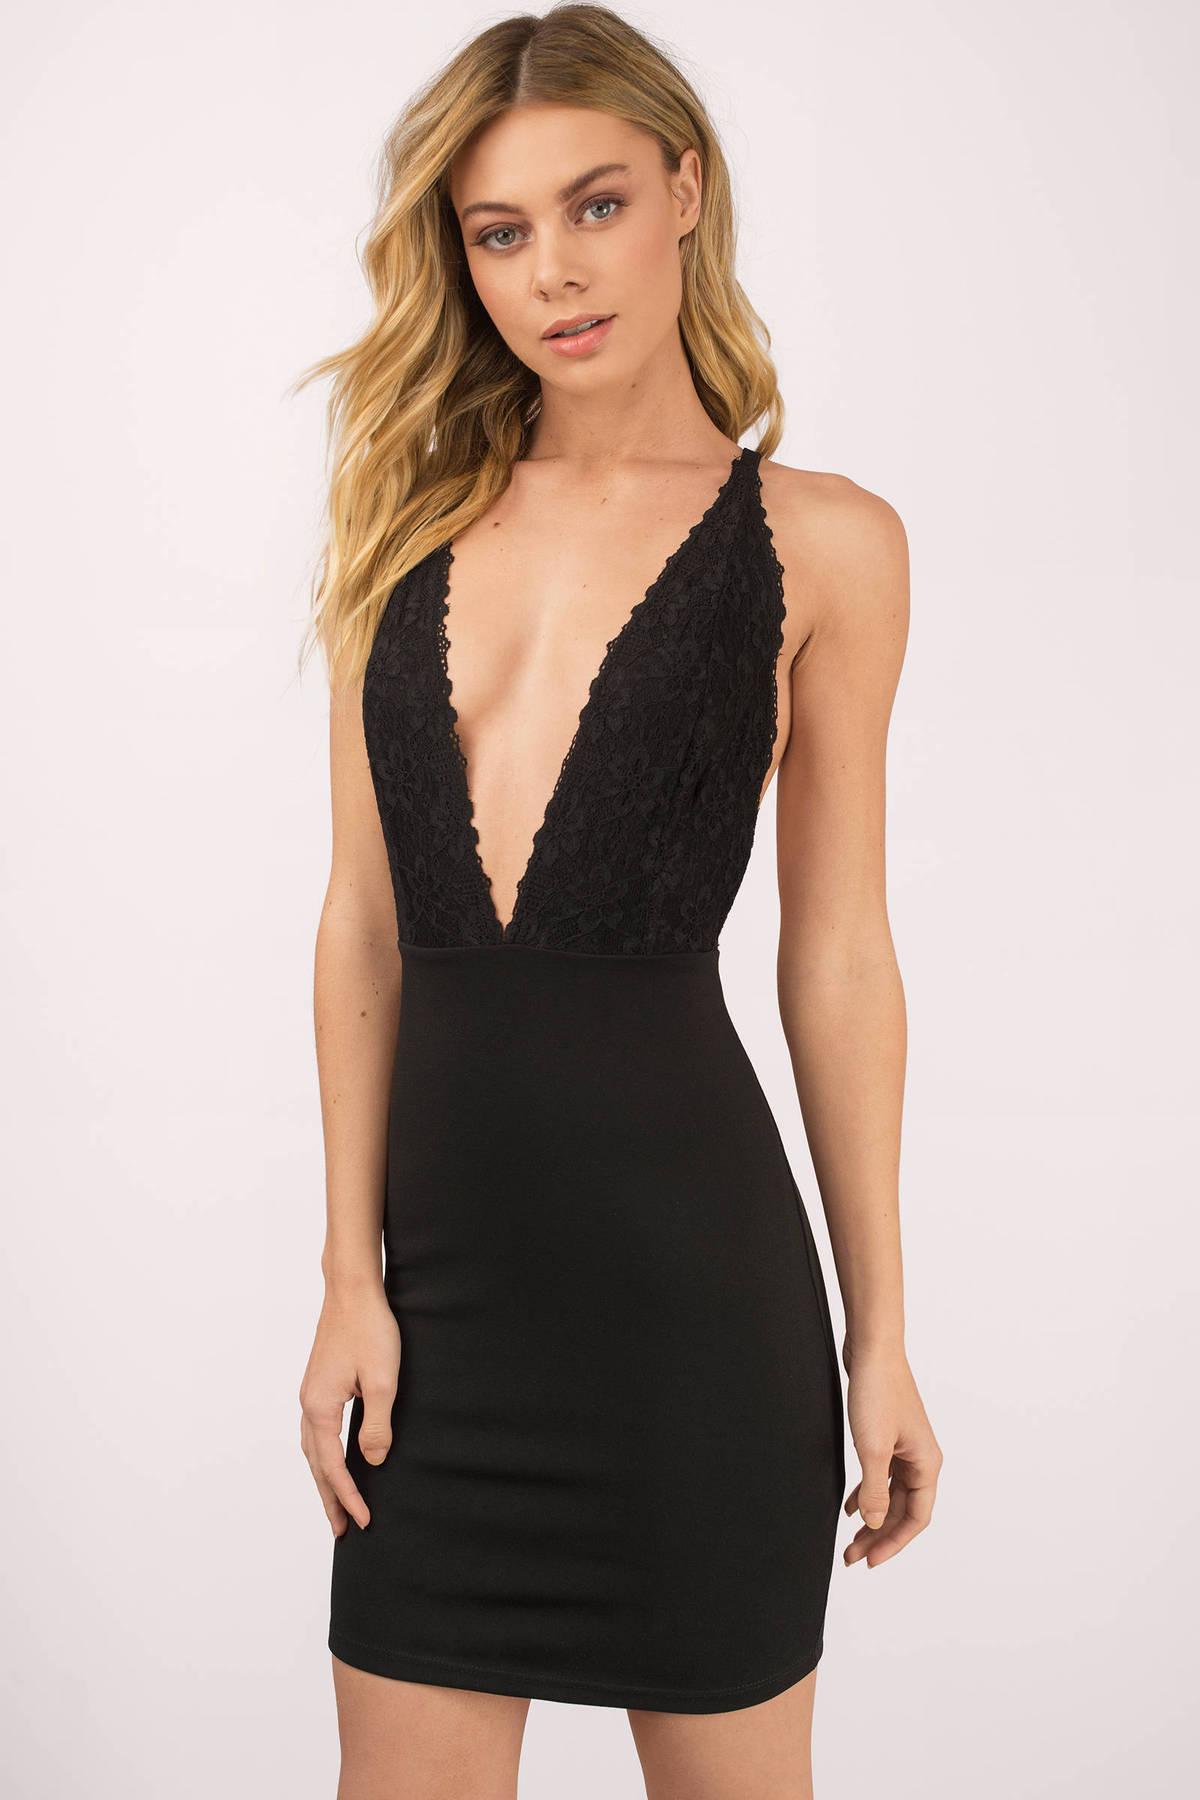 Skylar Black Plunging Bodycon Dress - $66.00 | Tobi